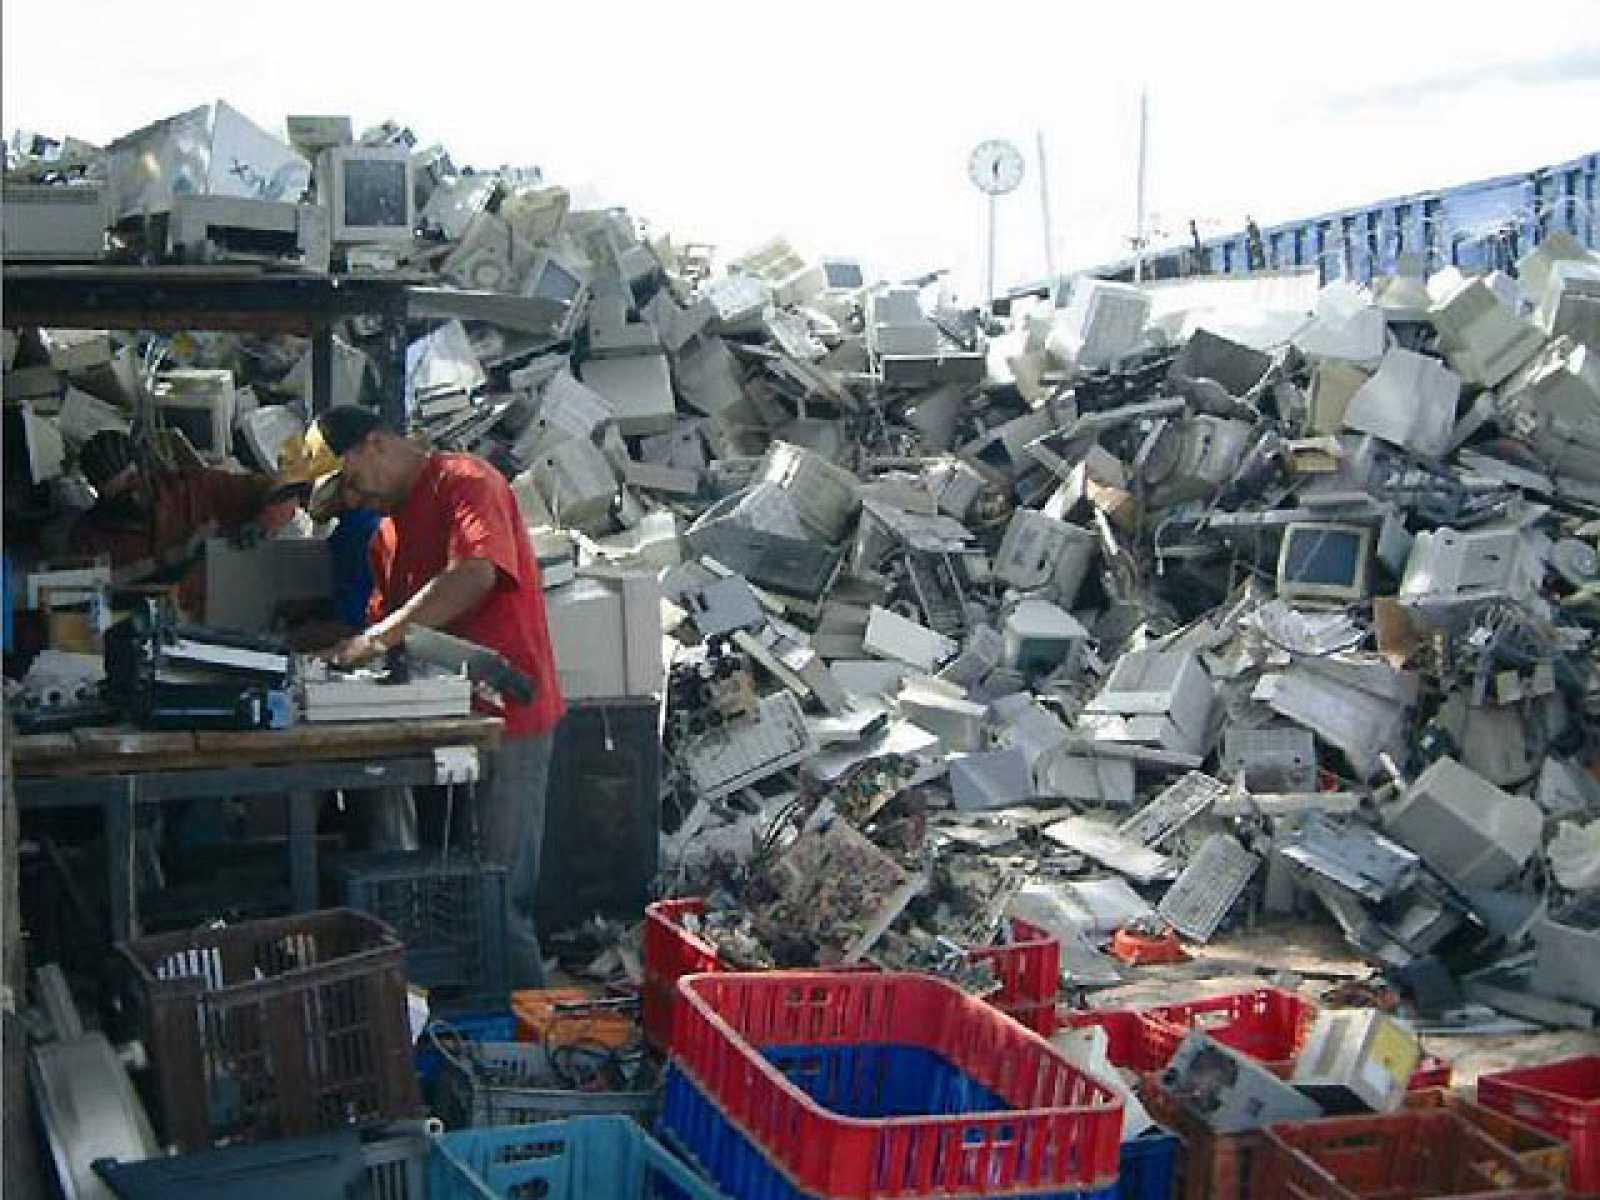 Los españoles pagan alrededor de 300 millones de euros al año para que se reciclen nuestros electrodomésticos y ordenadores, a pesar de que en la inmensa mayoría de los casos (en un 80%, aproximadamente) acaban en descampados, chatarrerías o desguace